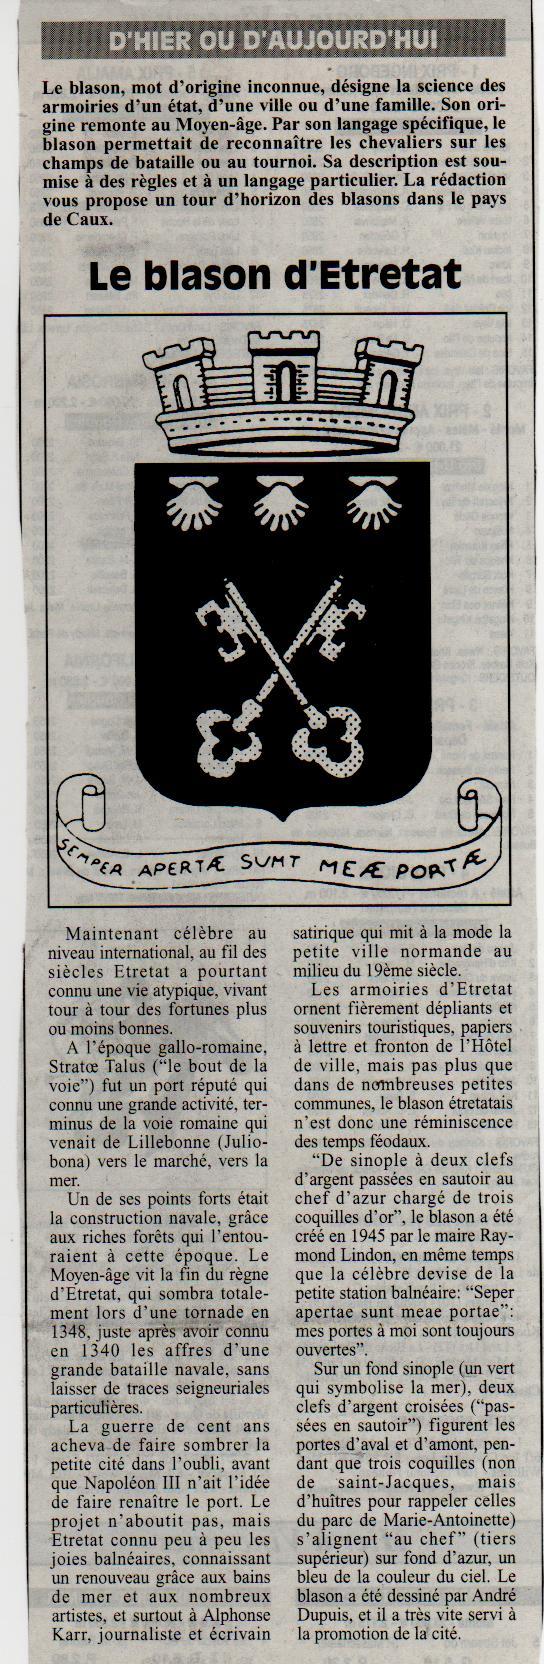 Histoire des communes - Etretat Etreta12